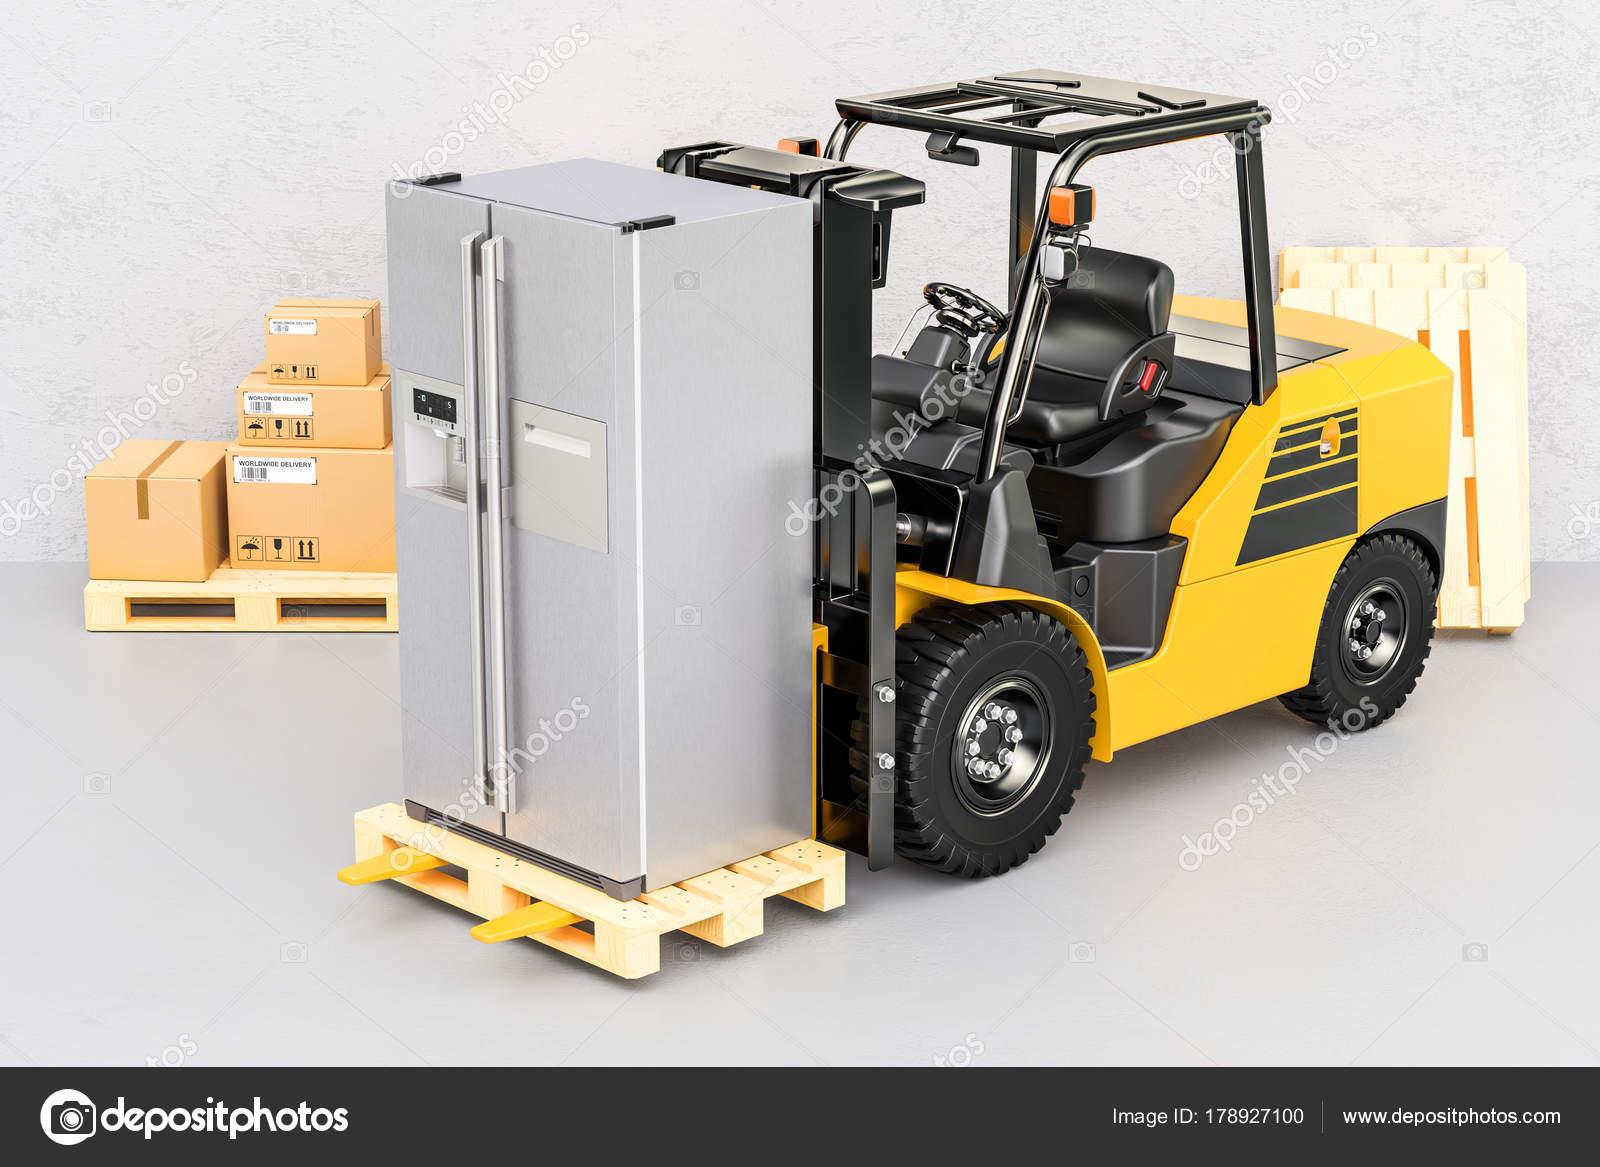 Kühlschrank Transport Auto : Gabelstapler mit modernen kühlschrank gerät lieferung d rende